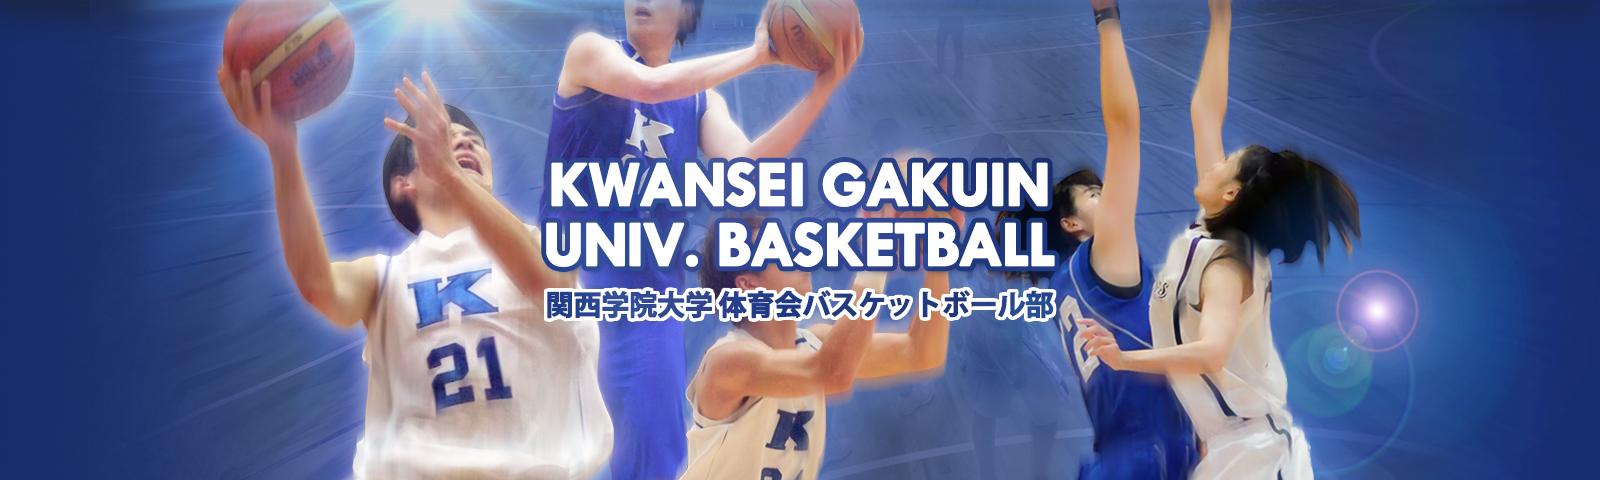 関西学院大学バスケットボール部